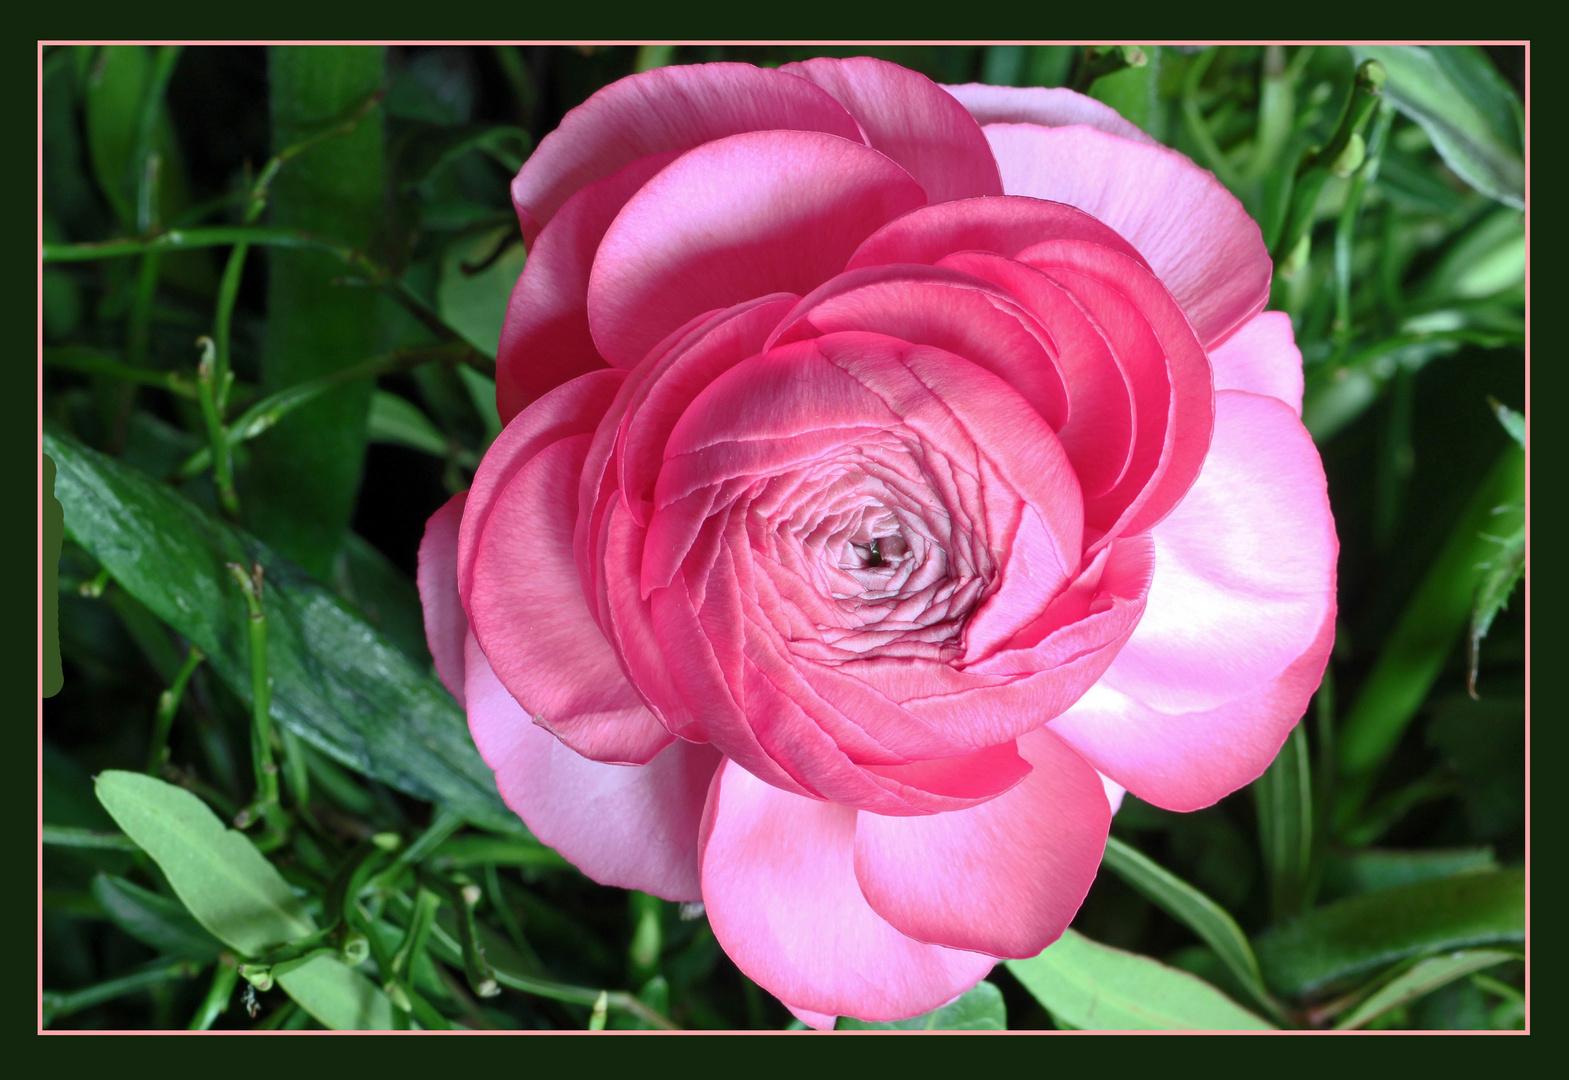 schon fast rosenhaft